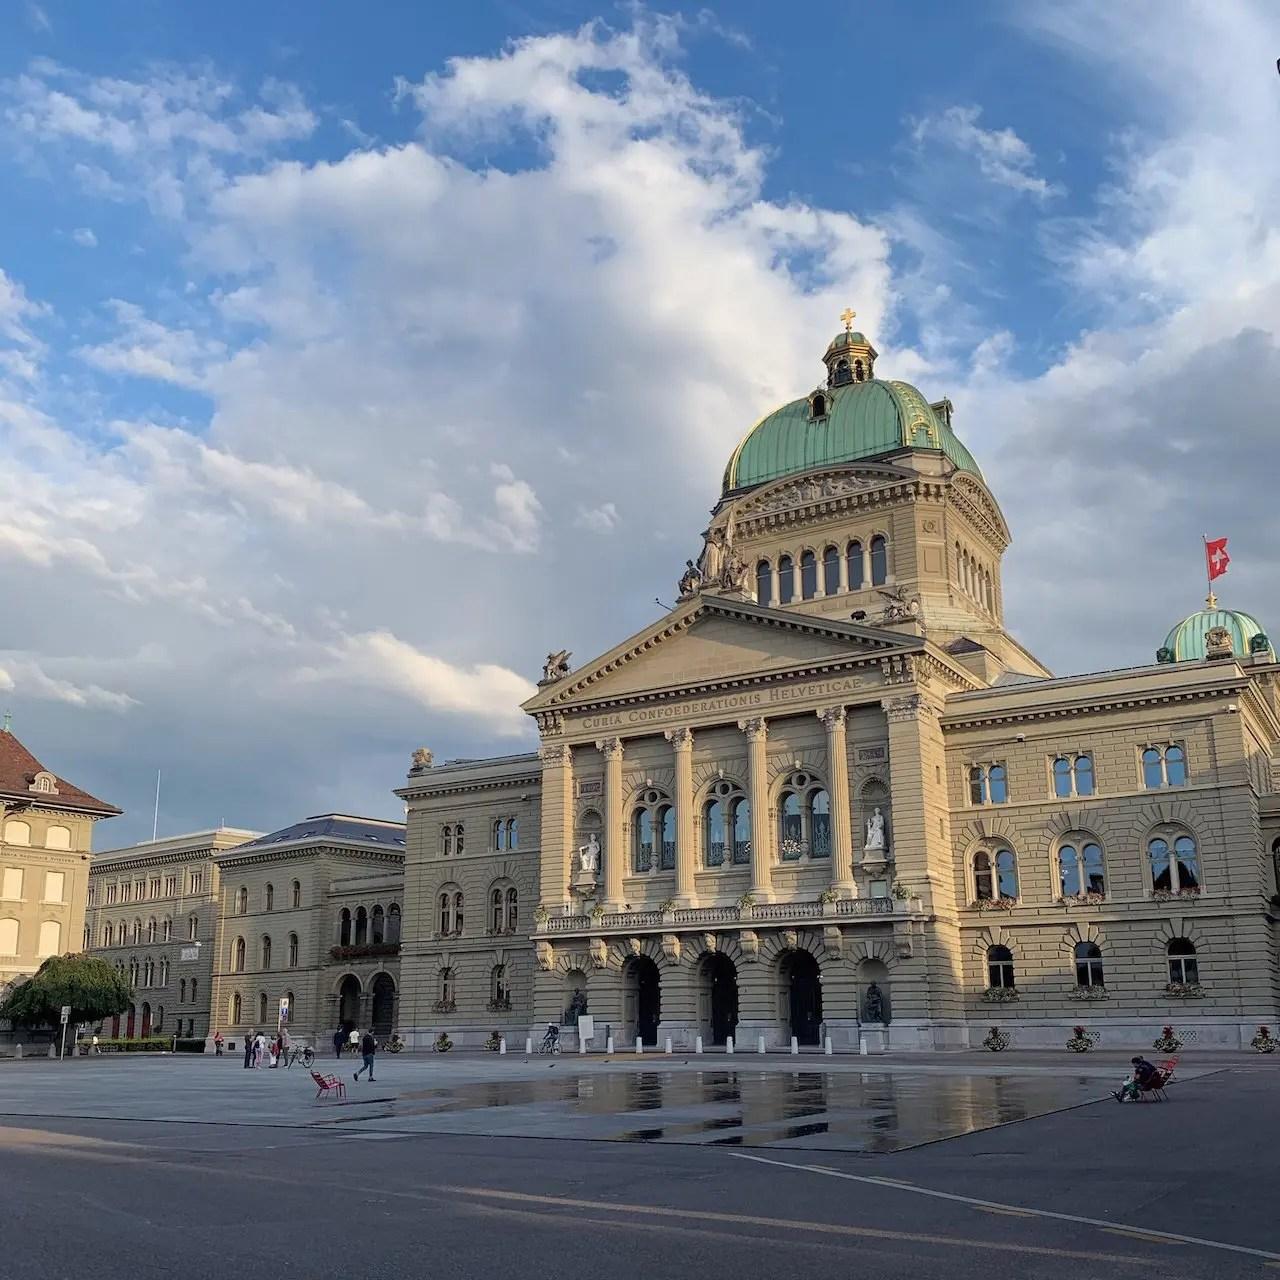 Berna città vecchia